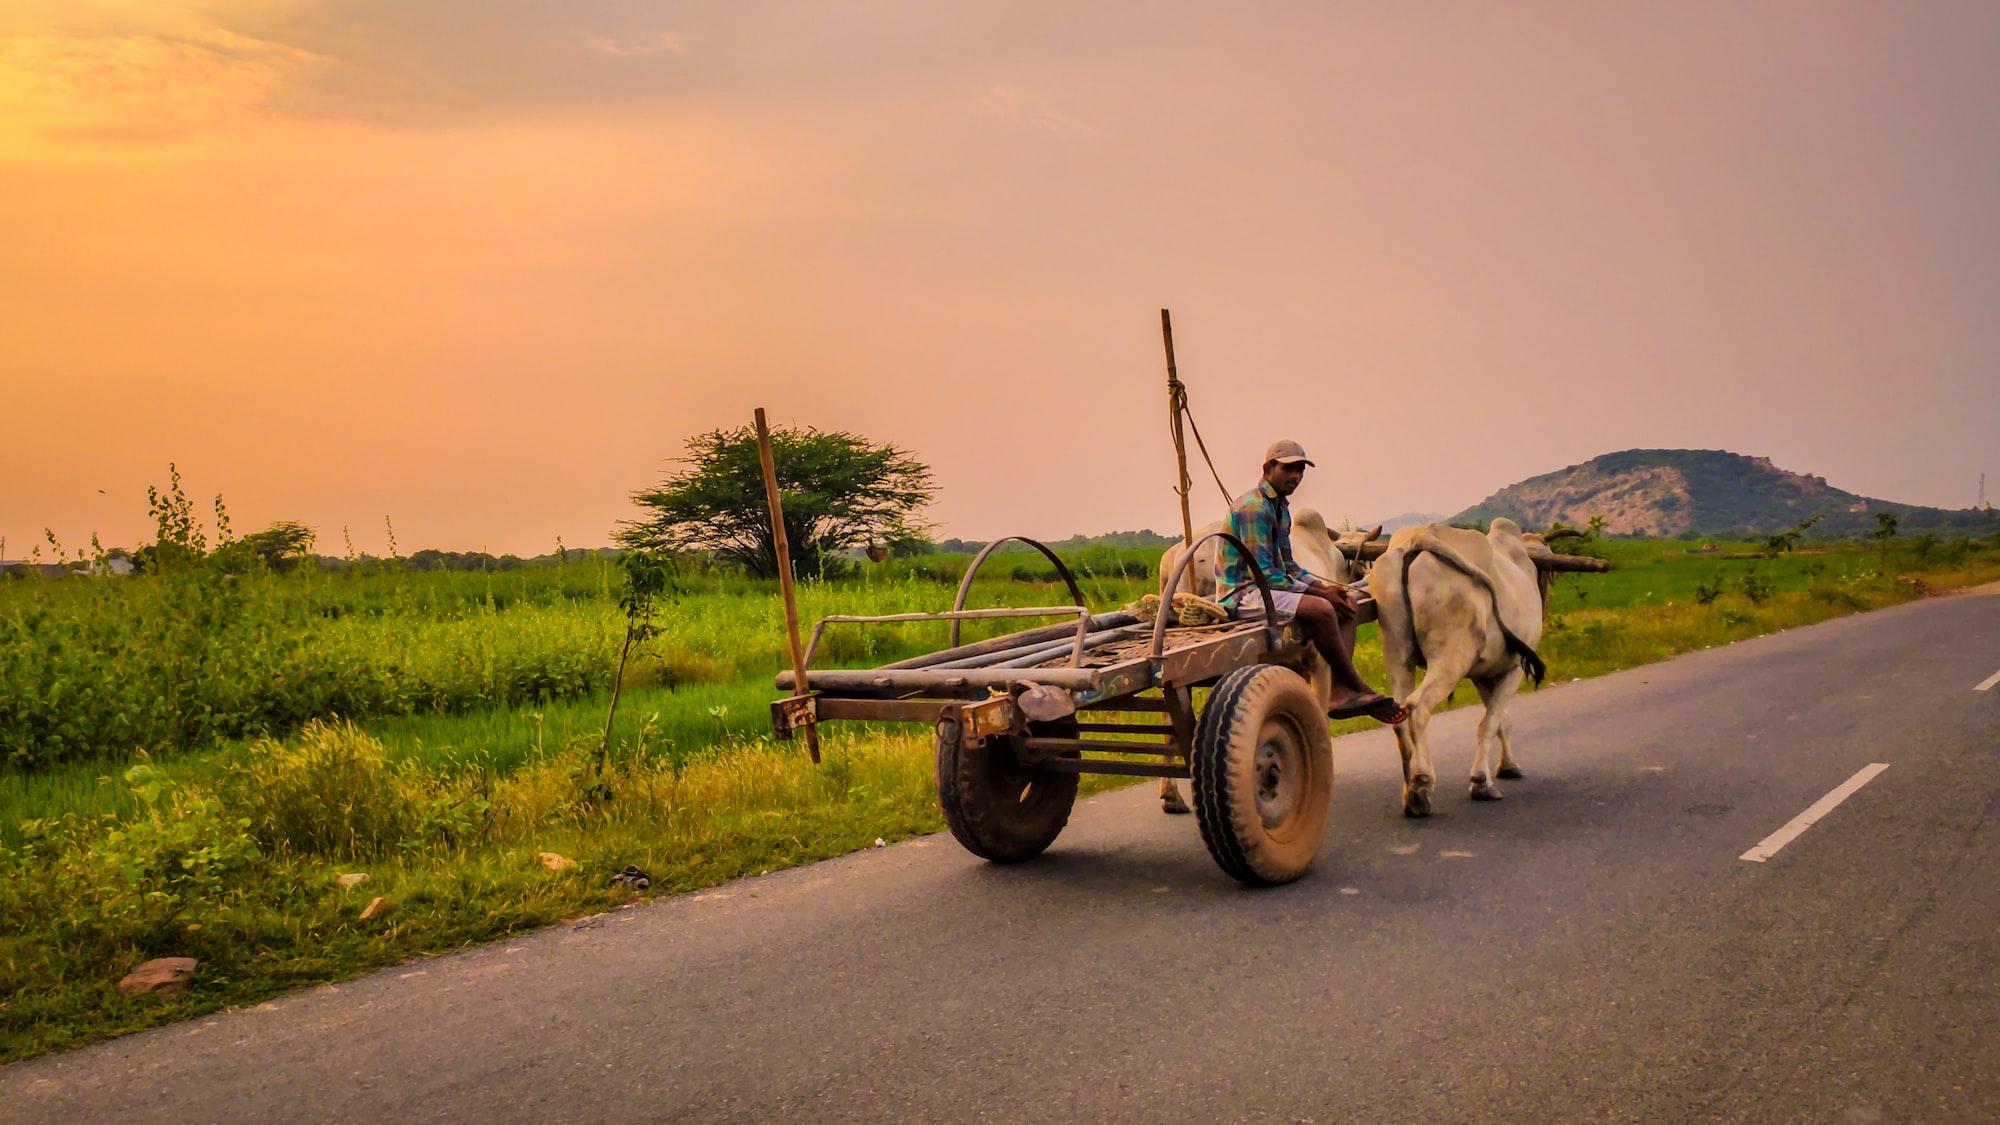 सराहनीय प्रयास: भारत के कई राज्यों के 75 गांवों में स्वास्थ्य सेवा देंगे AAPI